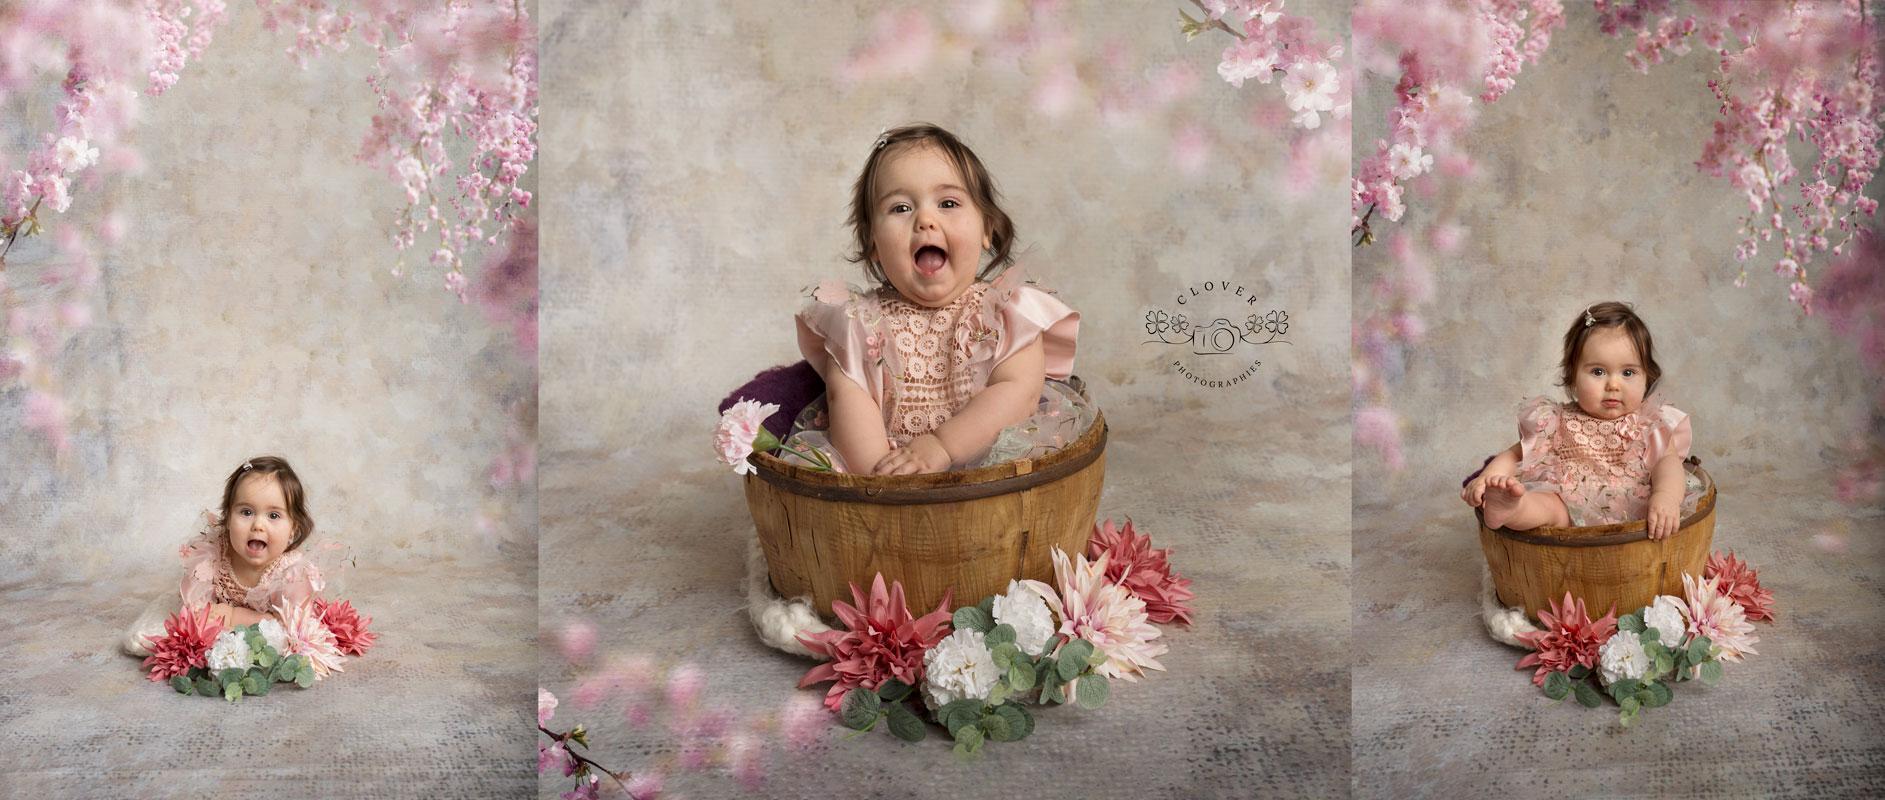 photographe bébé strasbourg - séance photo bébé 6 mois - clover photographies